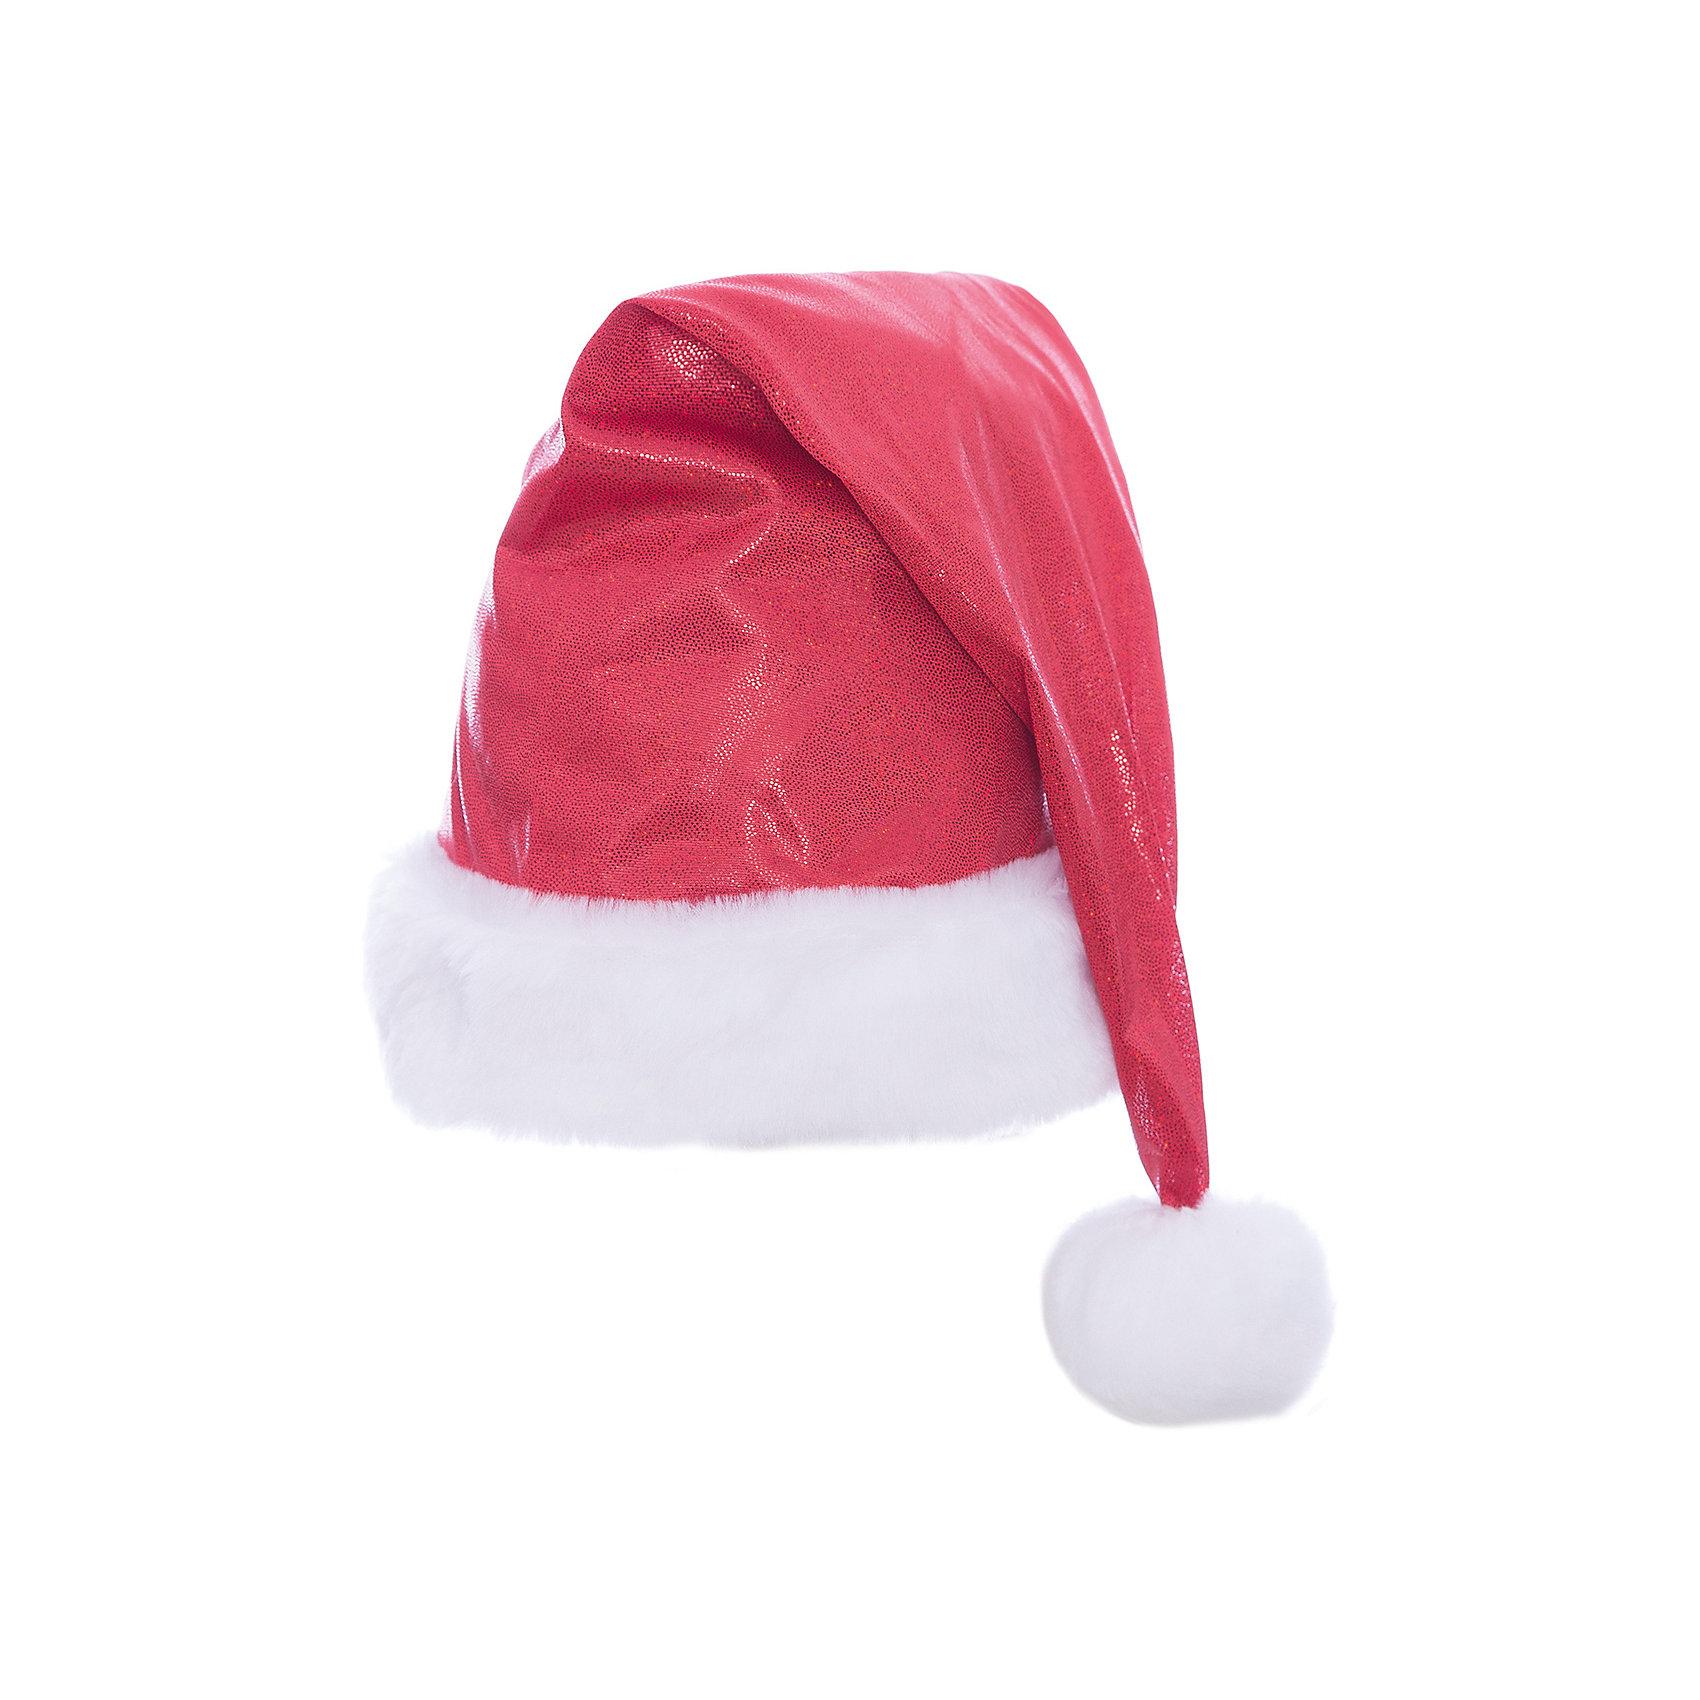 Вестифика Колпак новогодний (красный), Вестифика  вестифика колпак новогодний голубой вестифика